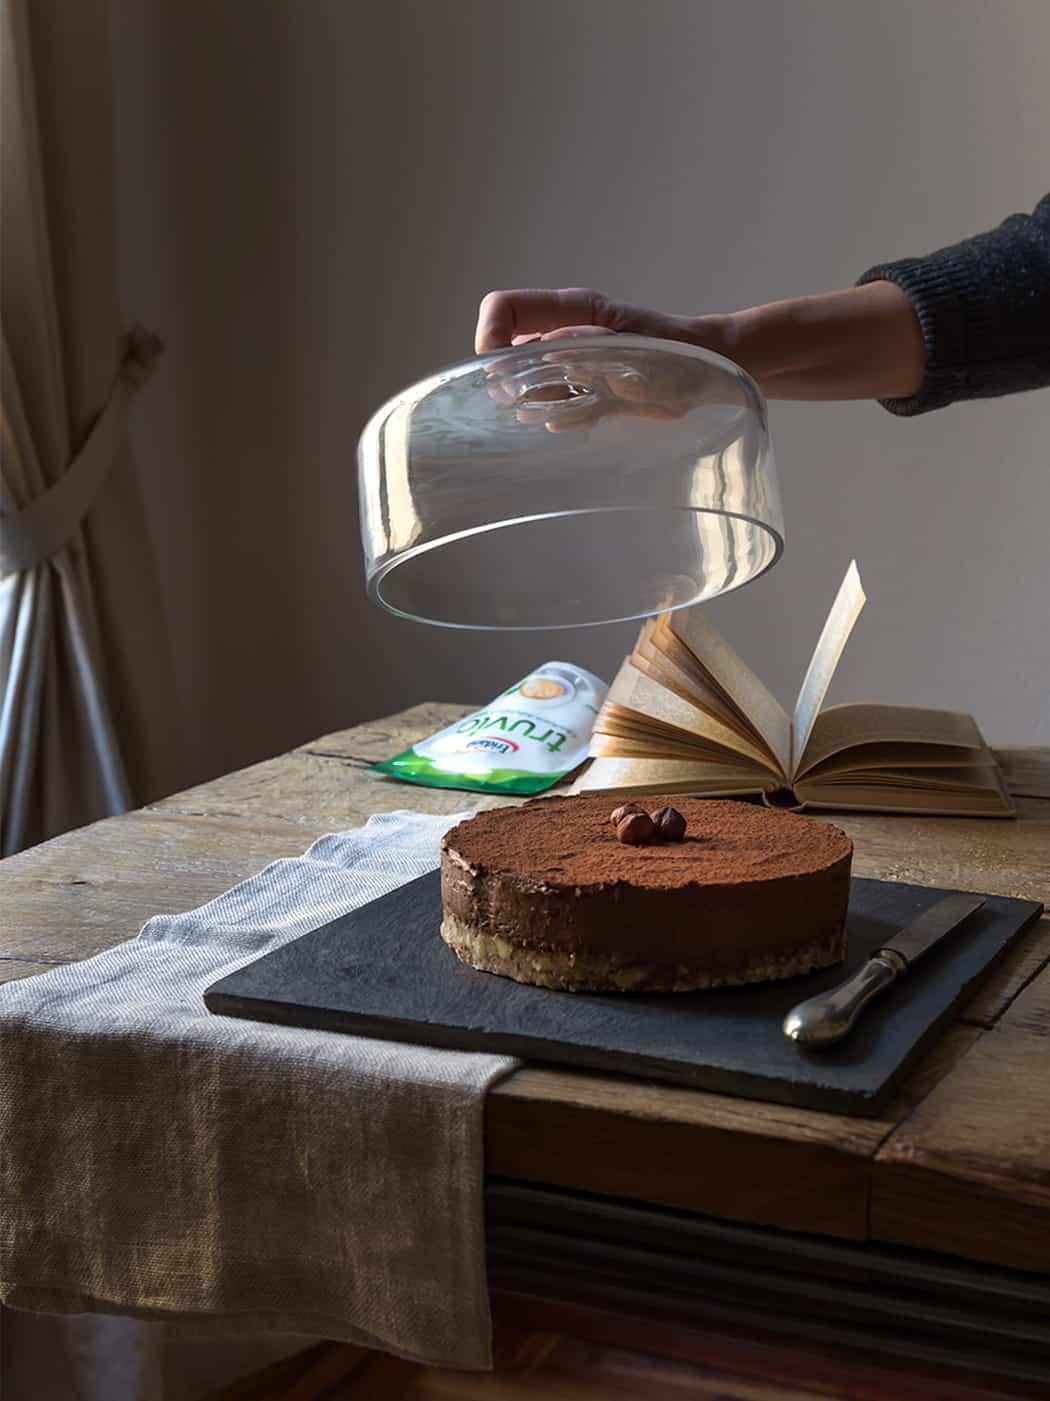 ricetta torta al cioccolato e nocciole